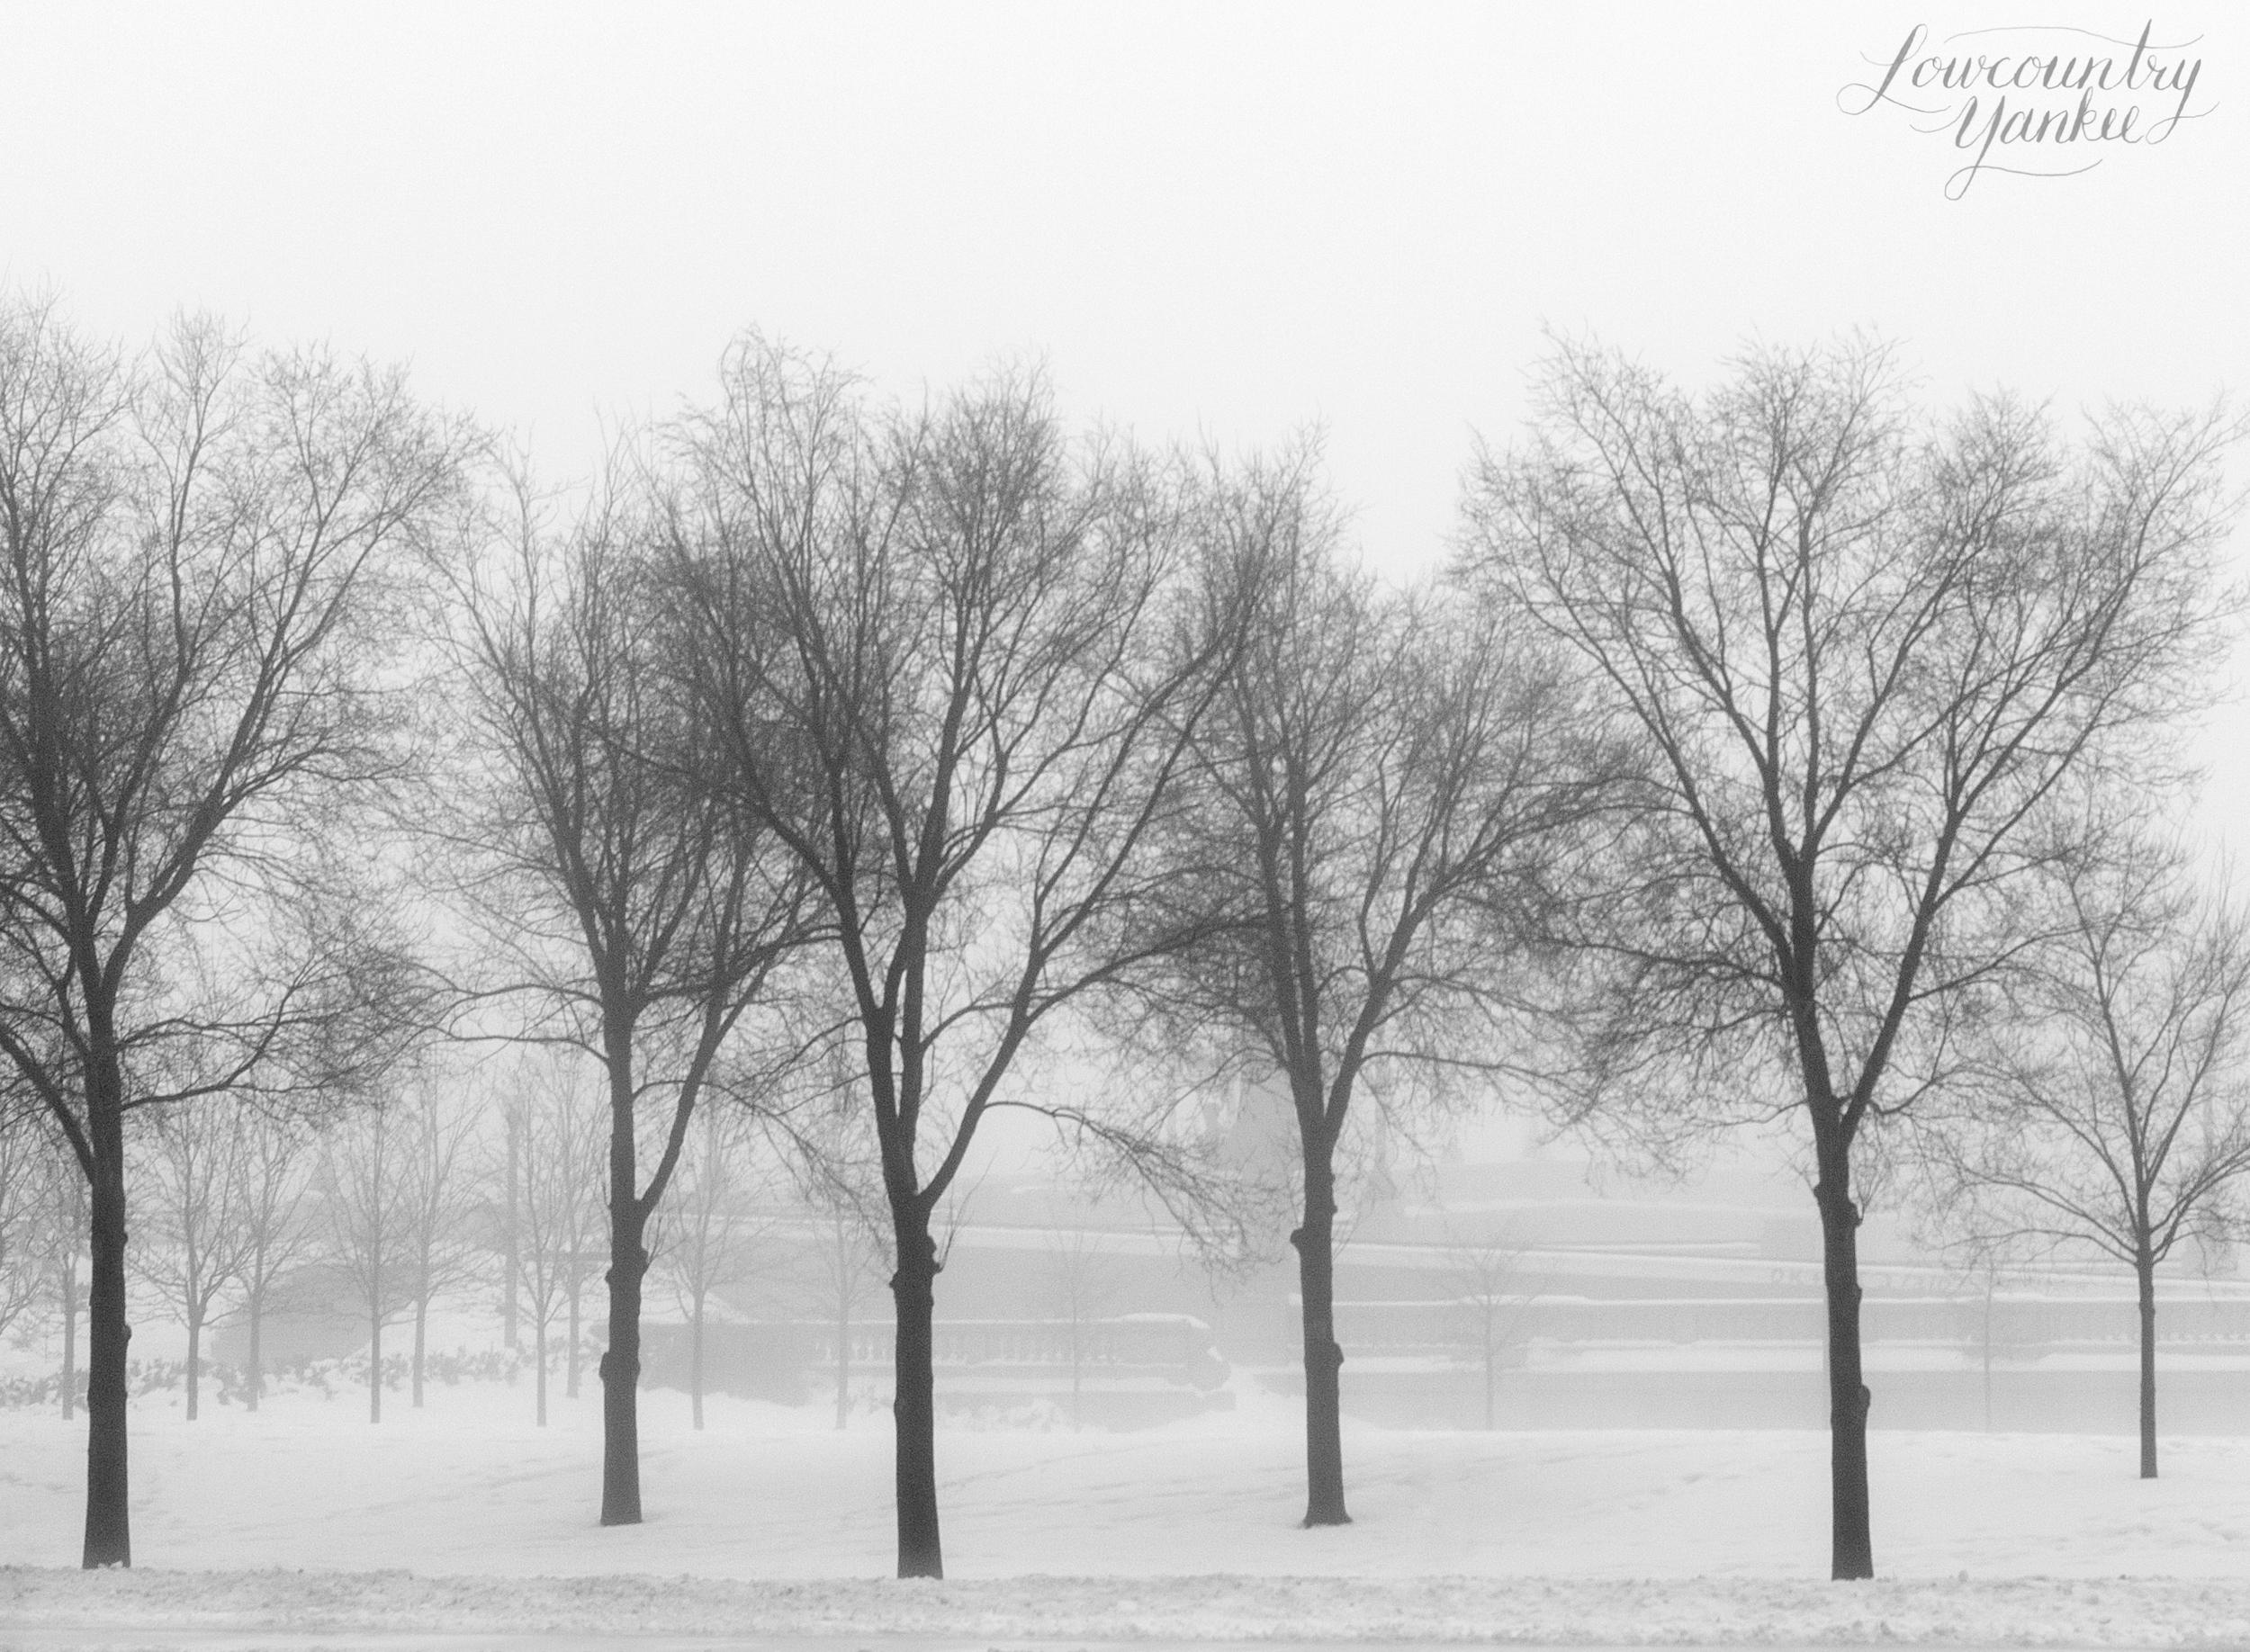 Snowstorm.S. Michigan Avenue, Chicago, Illinois2008